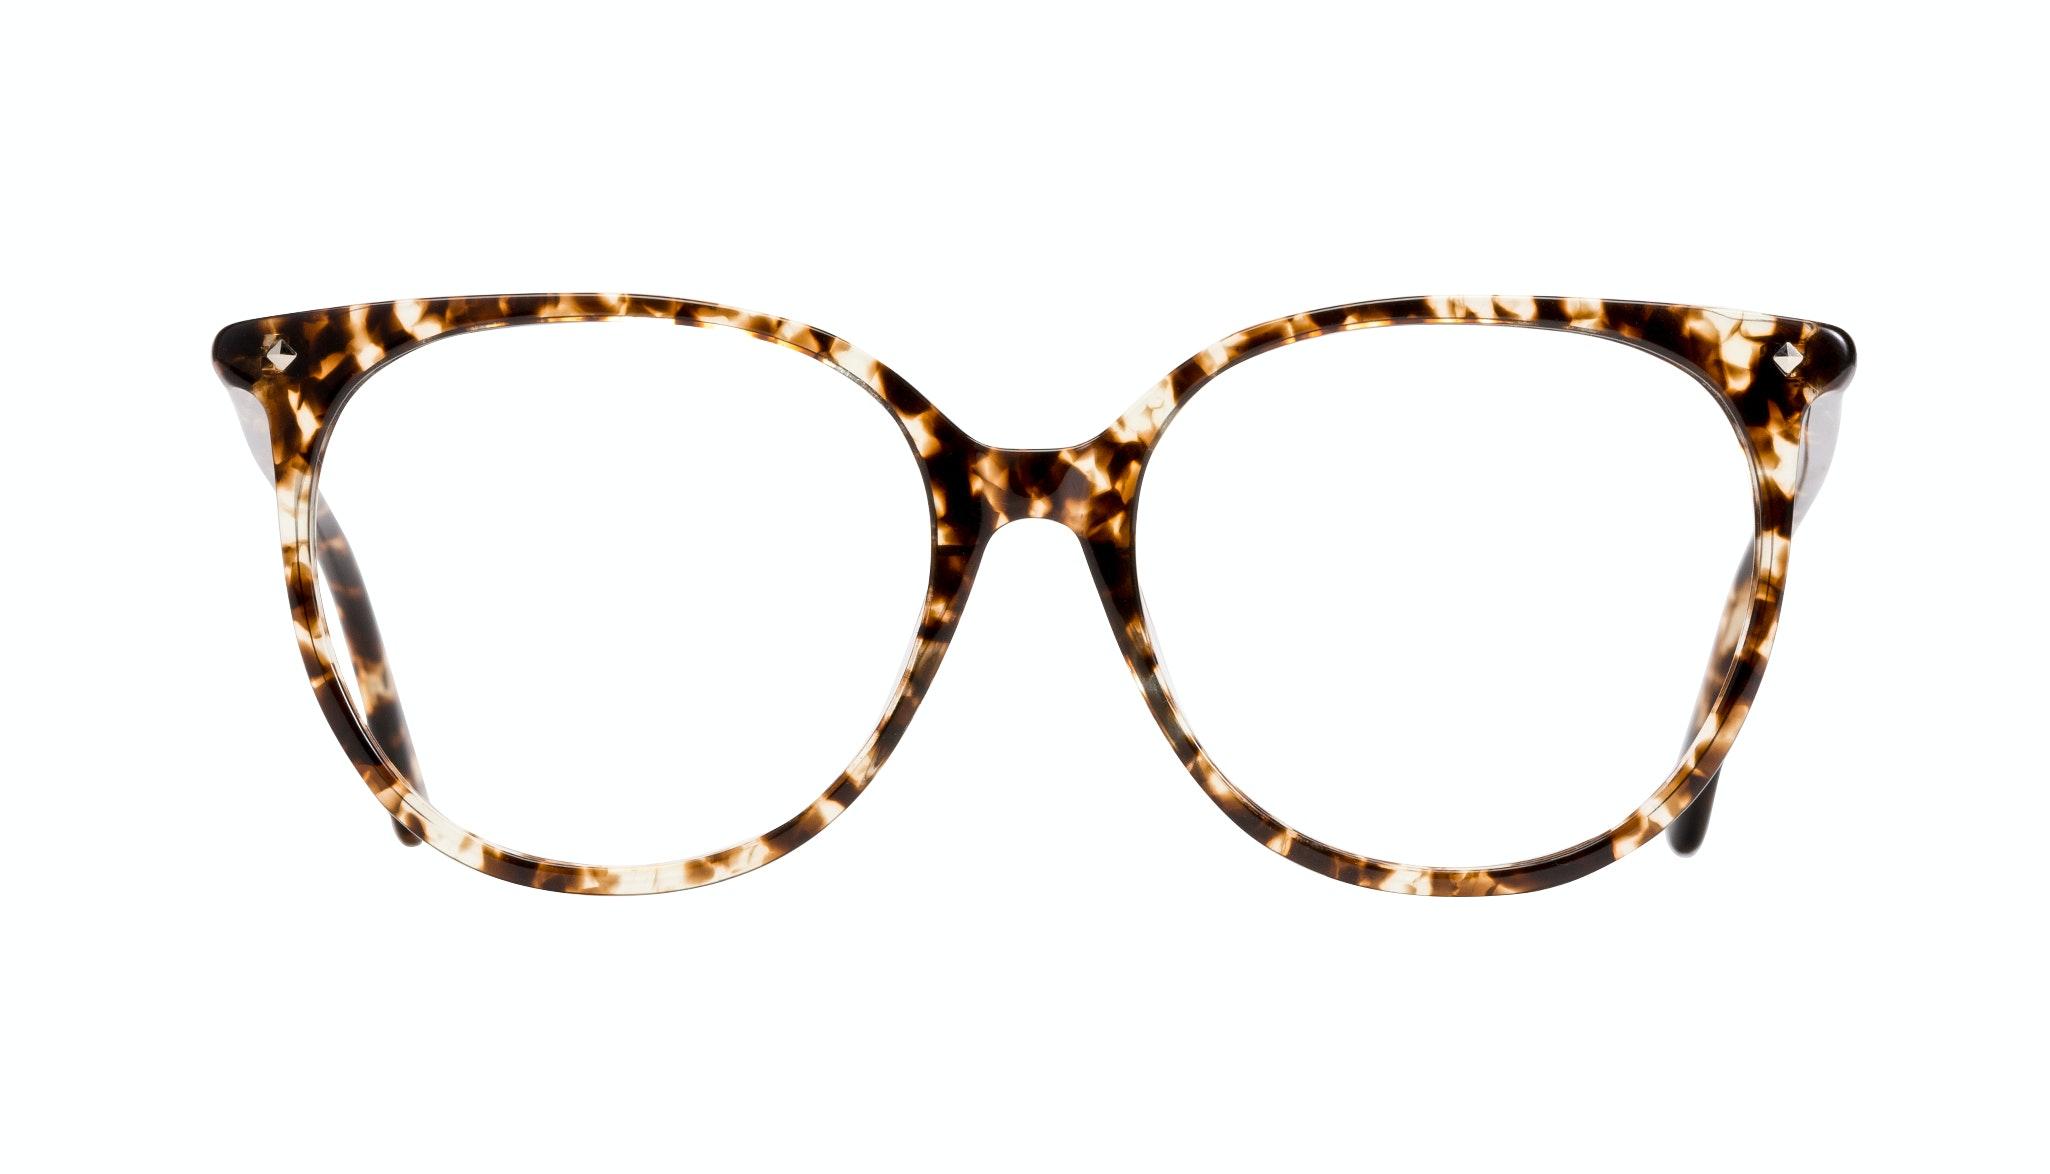 Lunettes tendance Oeil de chat Carrée Lunettes de vue Femmes Area Tortoise